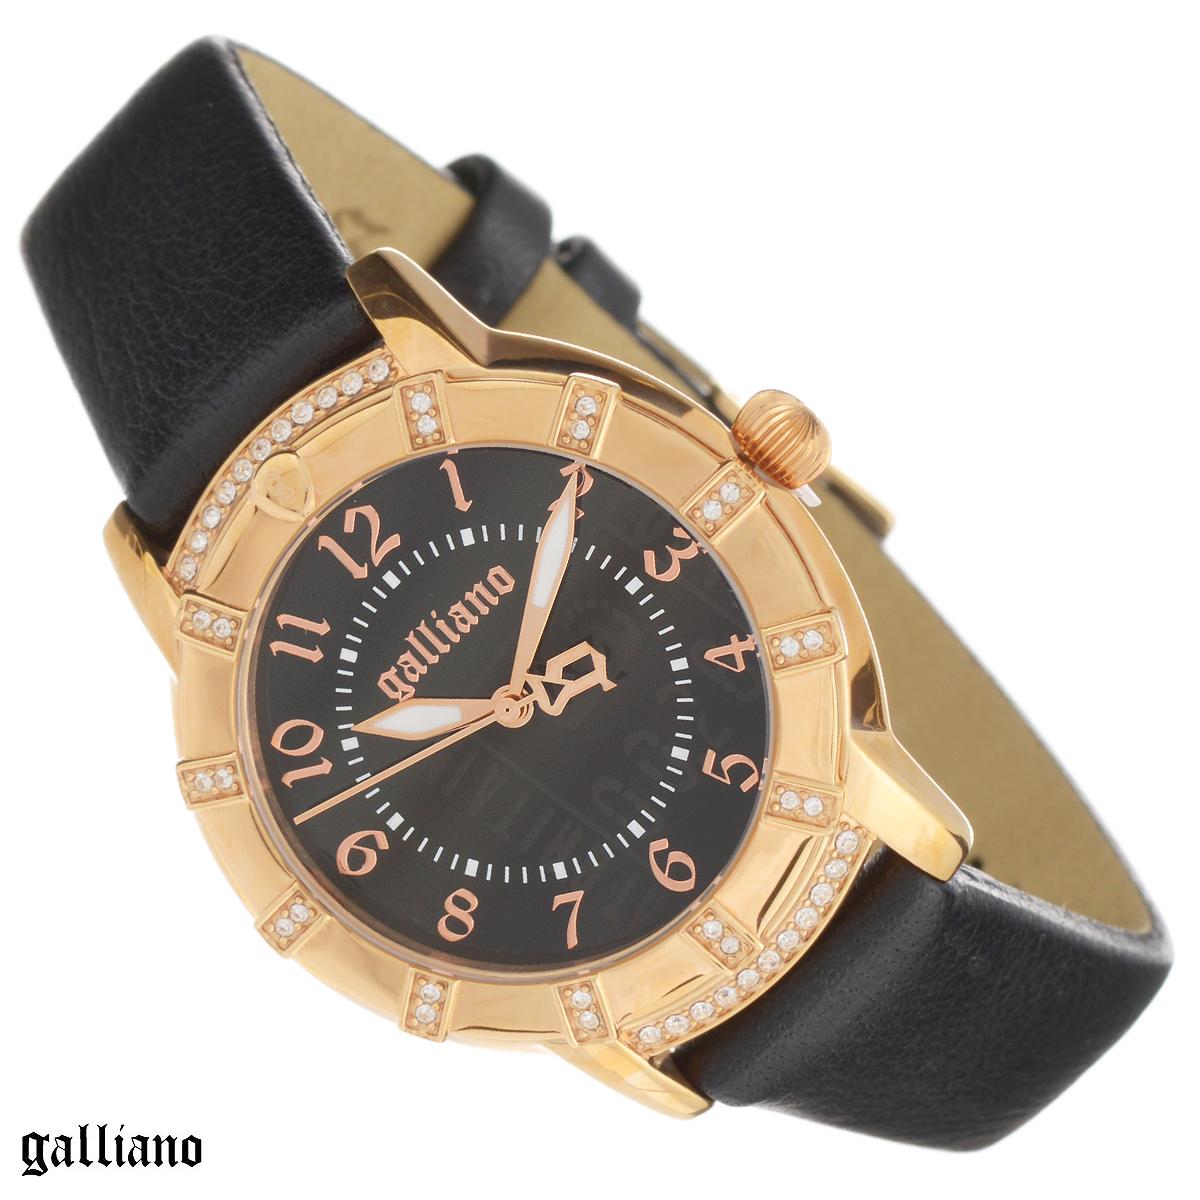 Часы женские наручные Galliano, цвет: черный, золотой. R2551102501R2551102501Наручные женские часы Galliano оснащены кварцевым механизмом. Корпус выполнен из высококачественной нержавеющей стали с PVD-покрытием и украшен кристаллами. Циферблат с арабскими цифрами защищен минеральным стеклом. Часы имеют три стрелки - часовую, минутную и секундную. Ремешок часов выполнен из натуральной кожи и оснащен классической застежкой. Часы укомплектованы паспортом с подробной инструкцией. Часы Galliano благодаря своему великолепному дизайну и качеству исполнения станут главным акцентом вашего образа. Характеристики: Диаметр циферблата: 2,6 см. Размер корпуса: 3,4 см х 3,4 см х 0,8 см. Длина ремешка (с корпусом): 20,5 см. Ширина ремешка: 1,5 см.